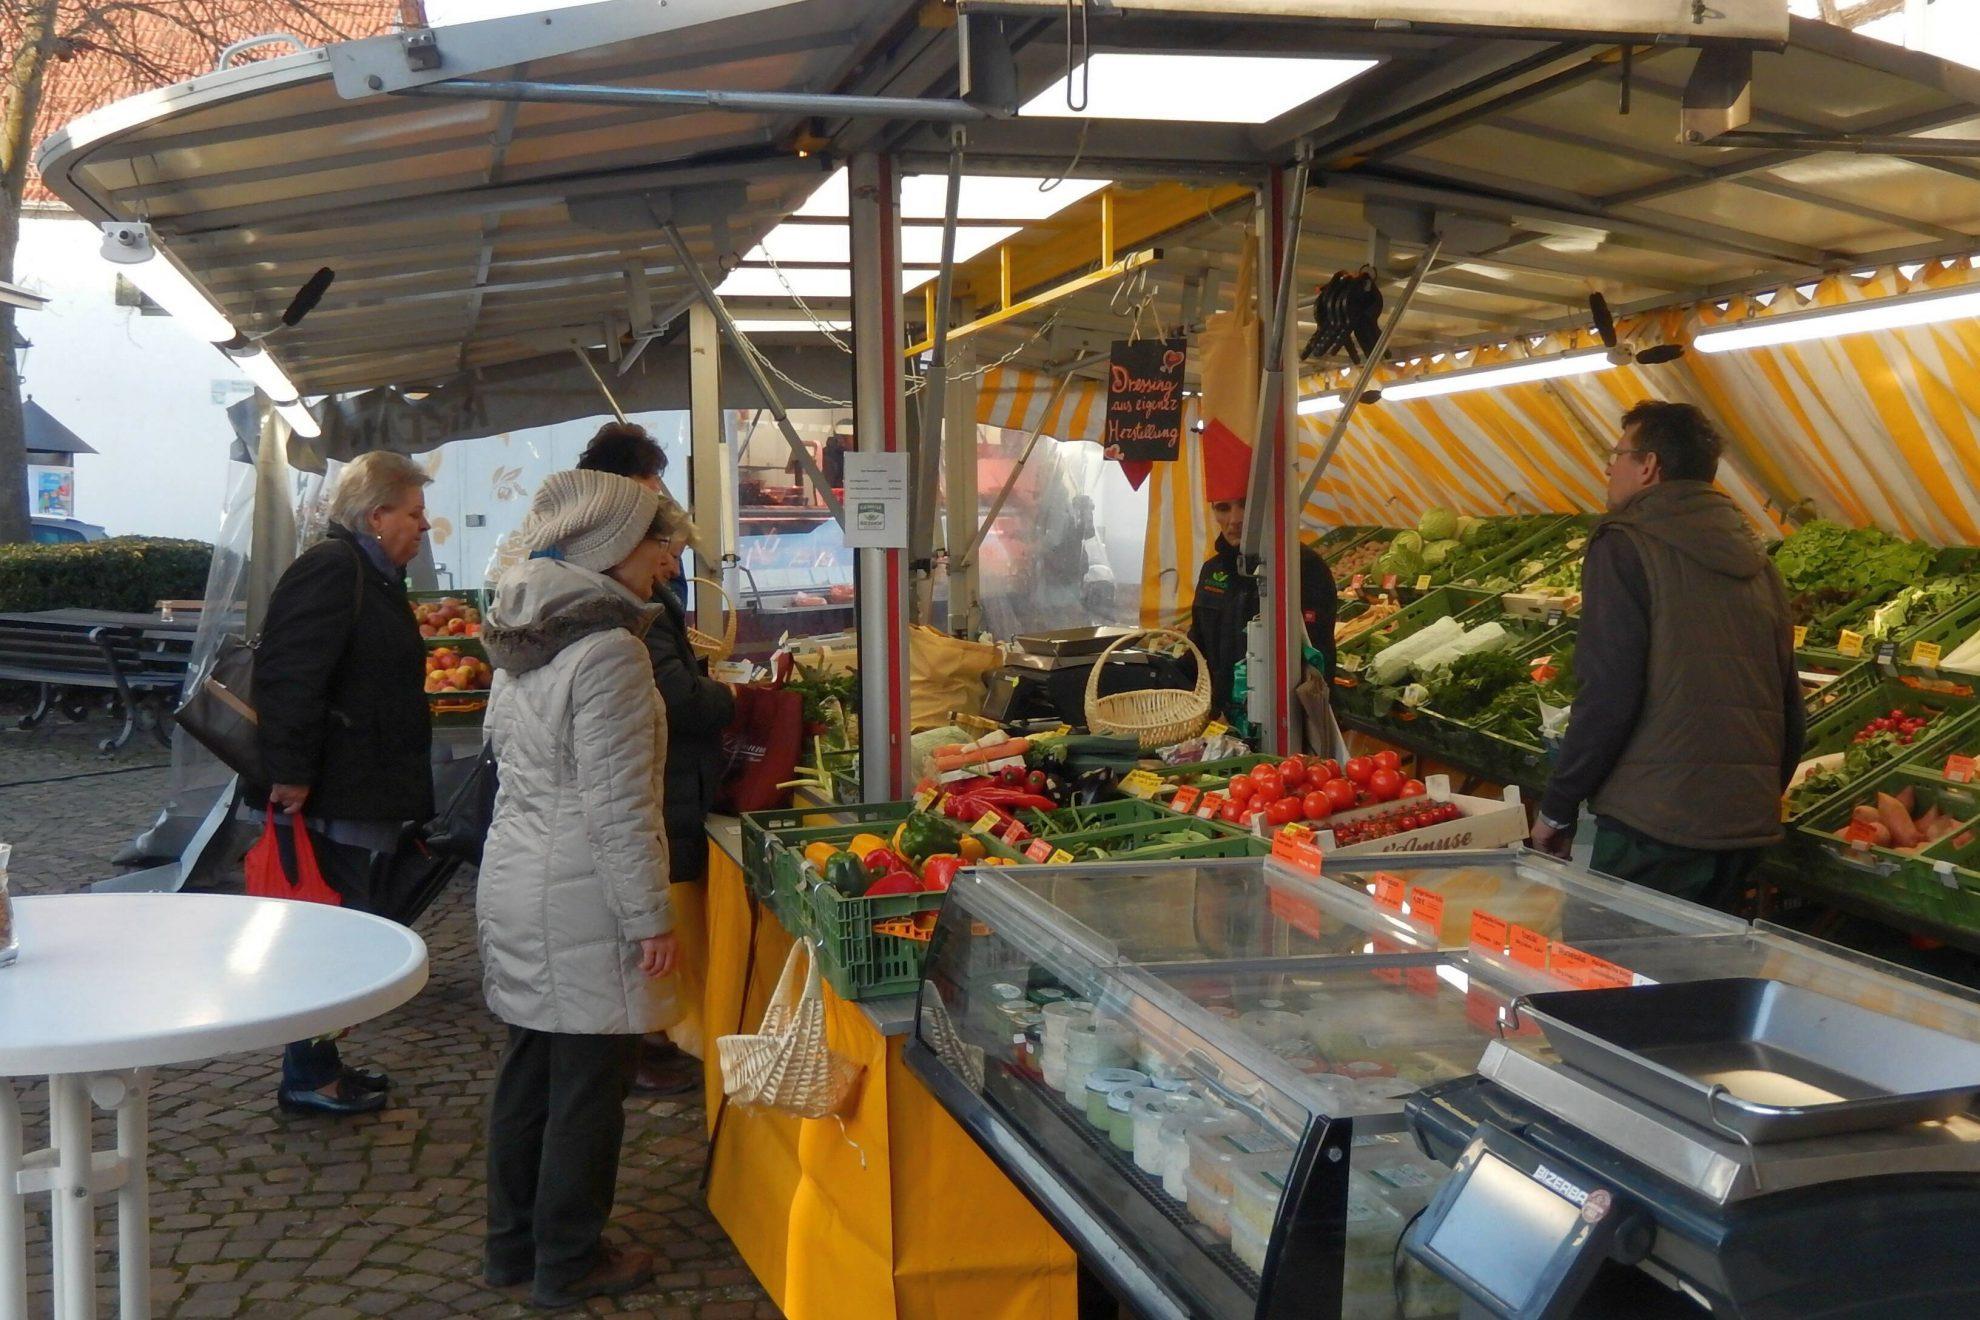 Ab Januar der neue Gemüsehändler auf dem Wochenmarkt in Bad Vilbel Massenheim: der Riedhof aus Niedererlenbach. Das Bild zeigt den Stand mit einem reichhaltigen Angebot und Besuchern.